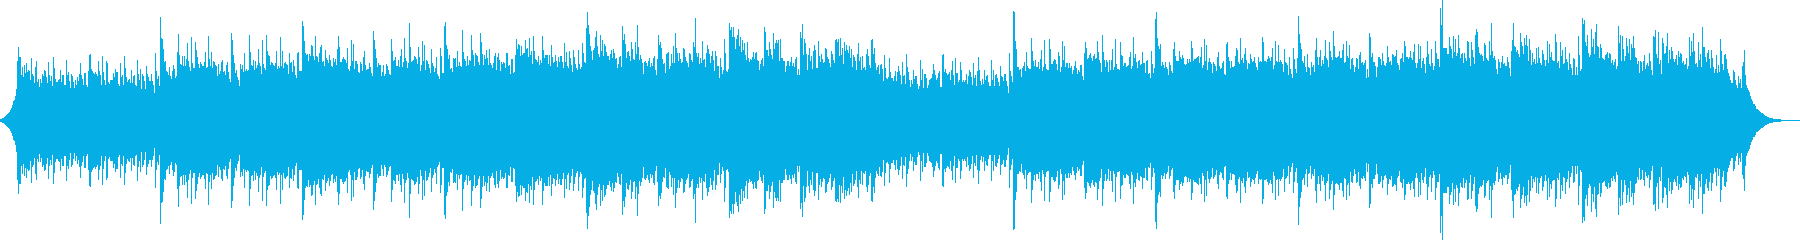 No rhythm's reproduced waveform